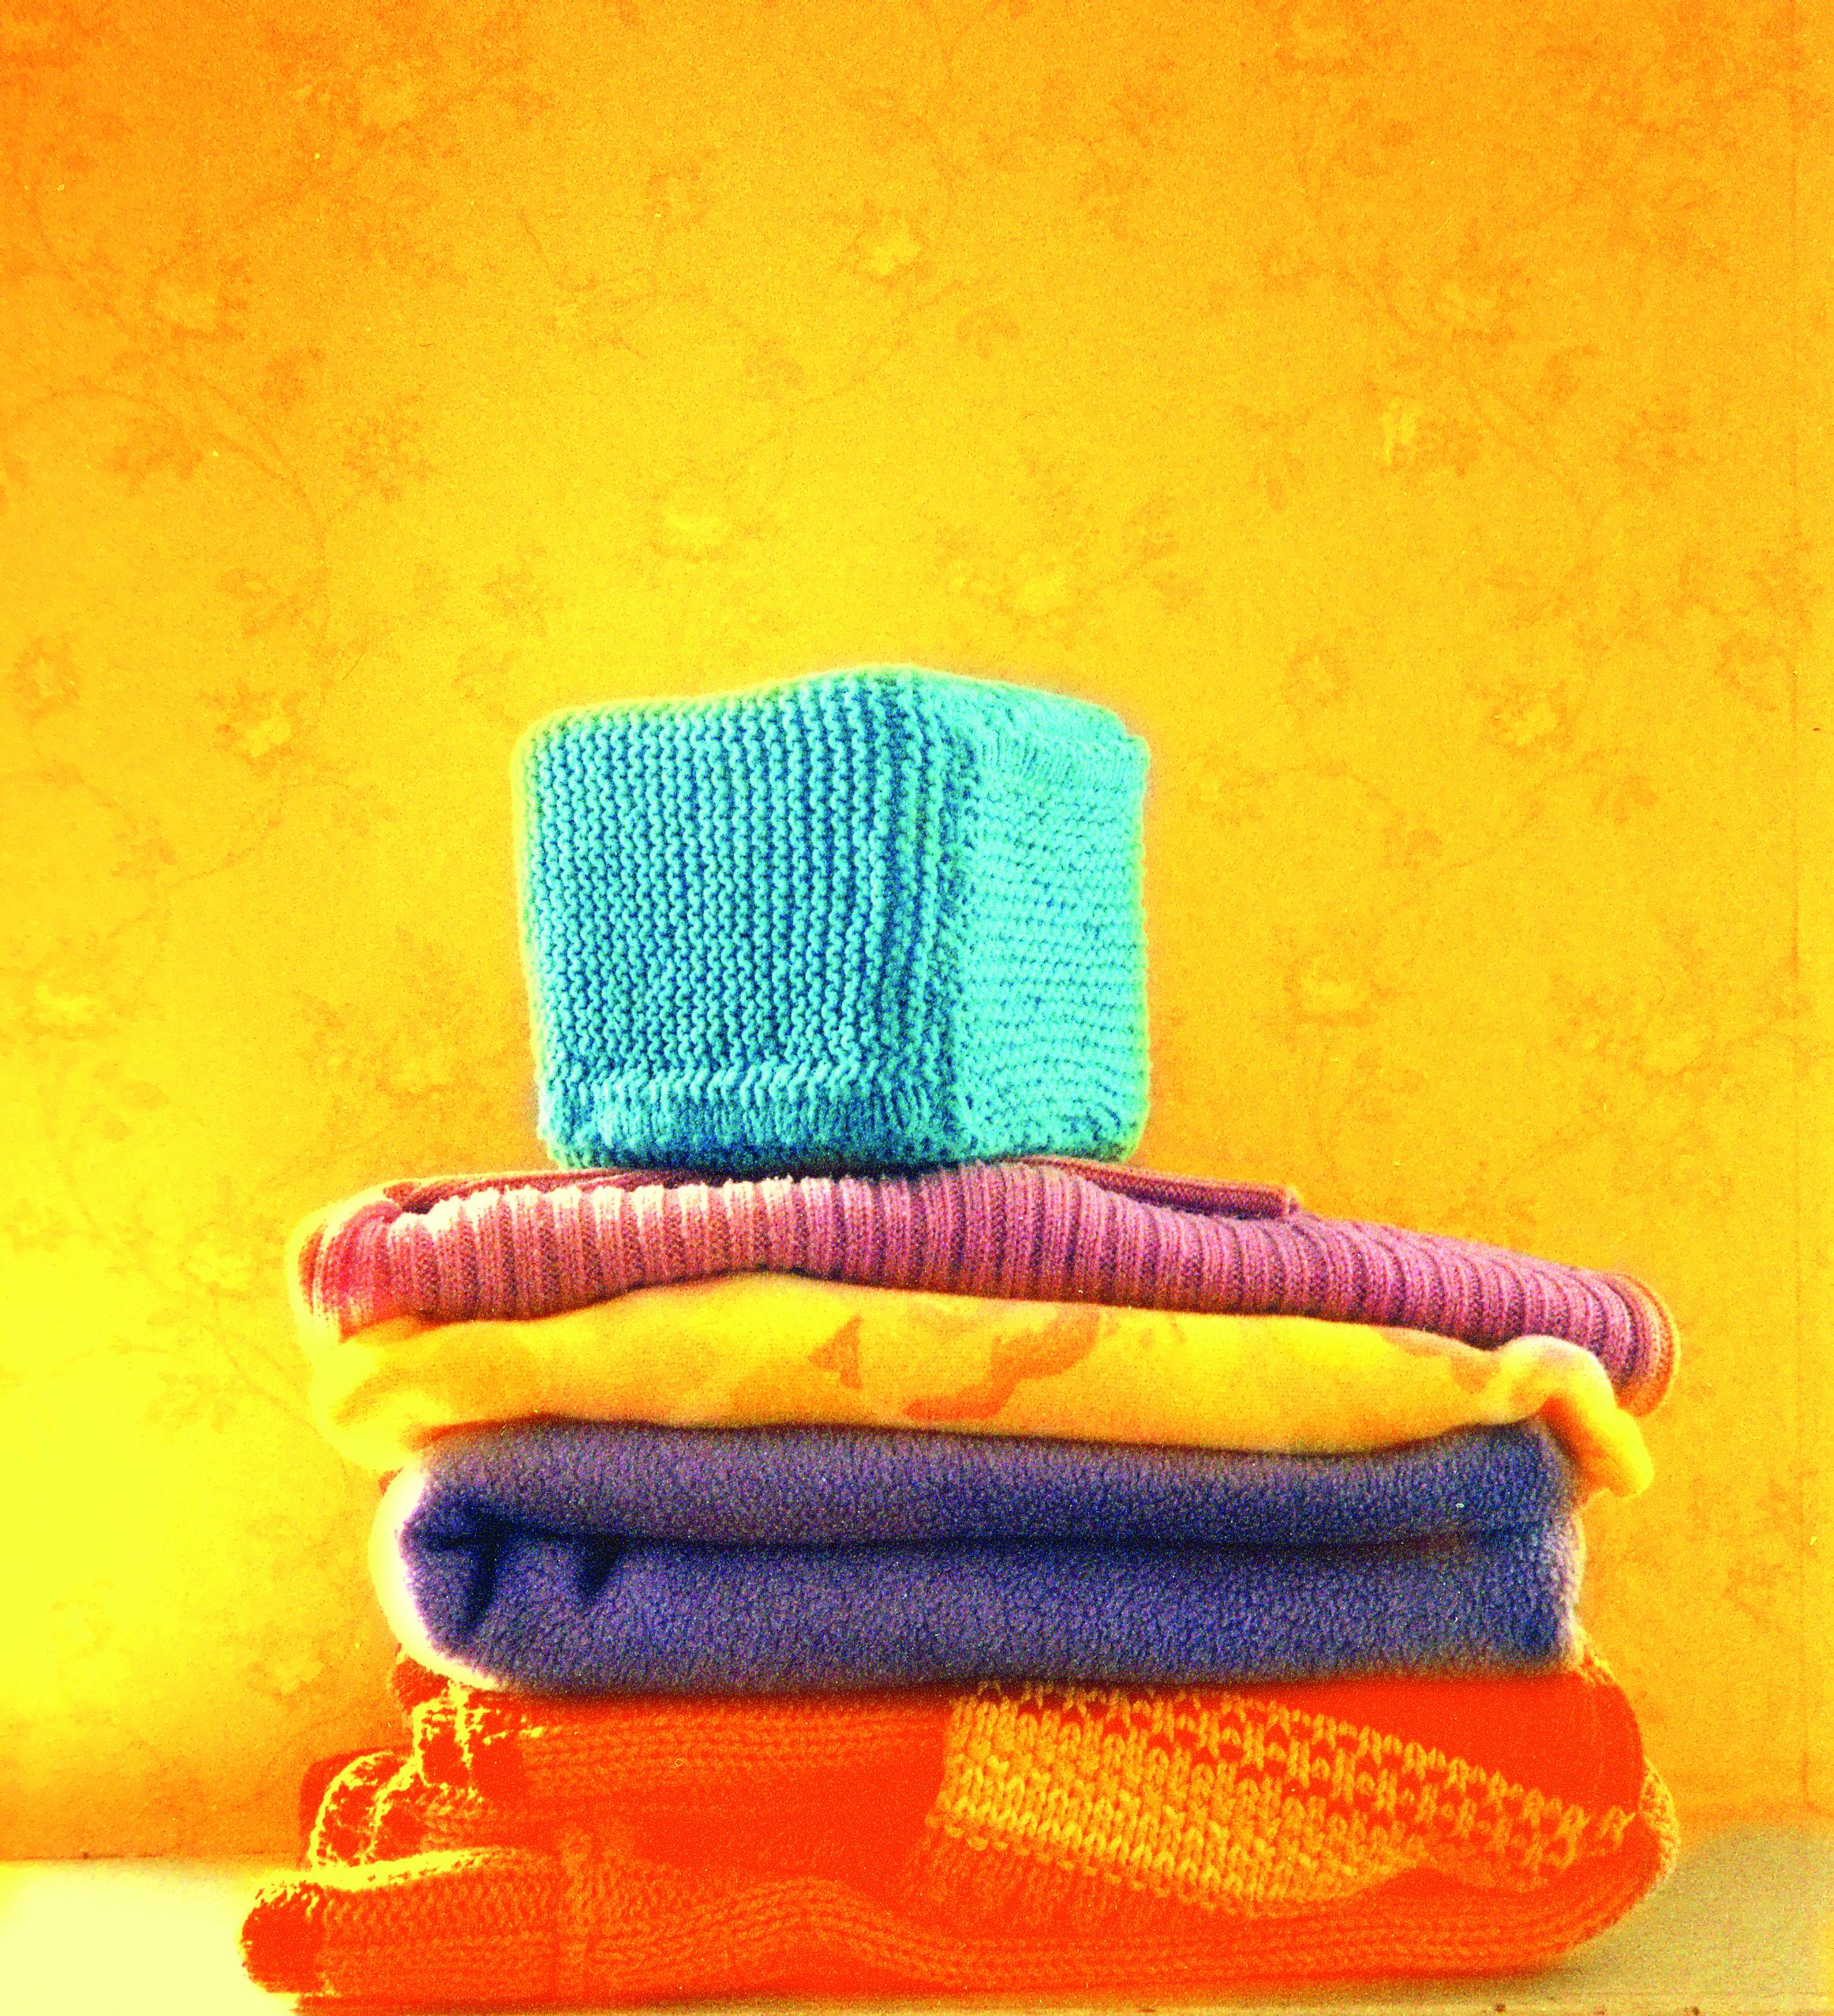 Kledingkast opruimen kubus van katoen, Keepingtouch, in contact blijven met mooie momenten. Make it yourself.